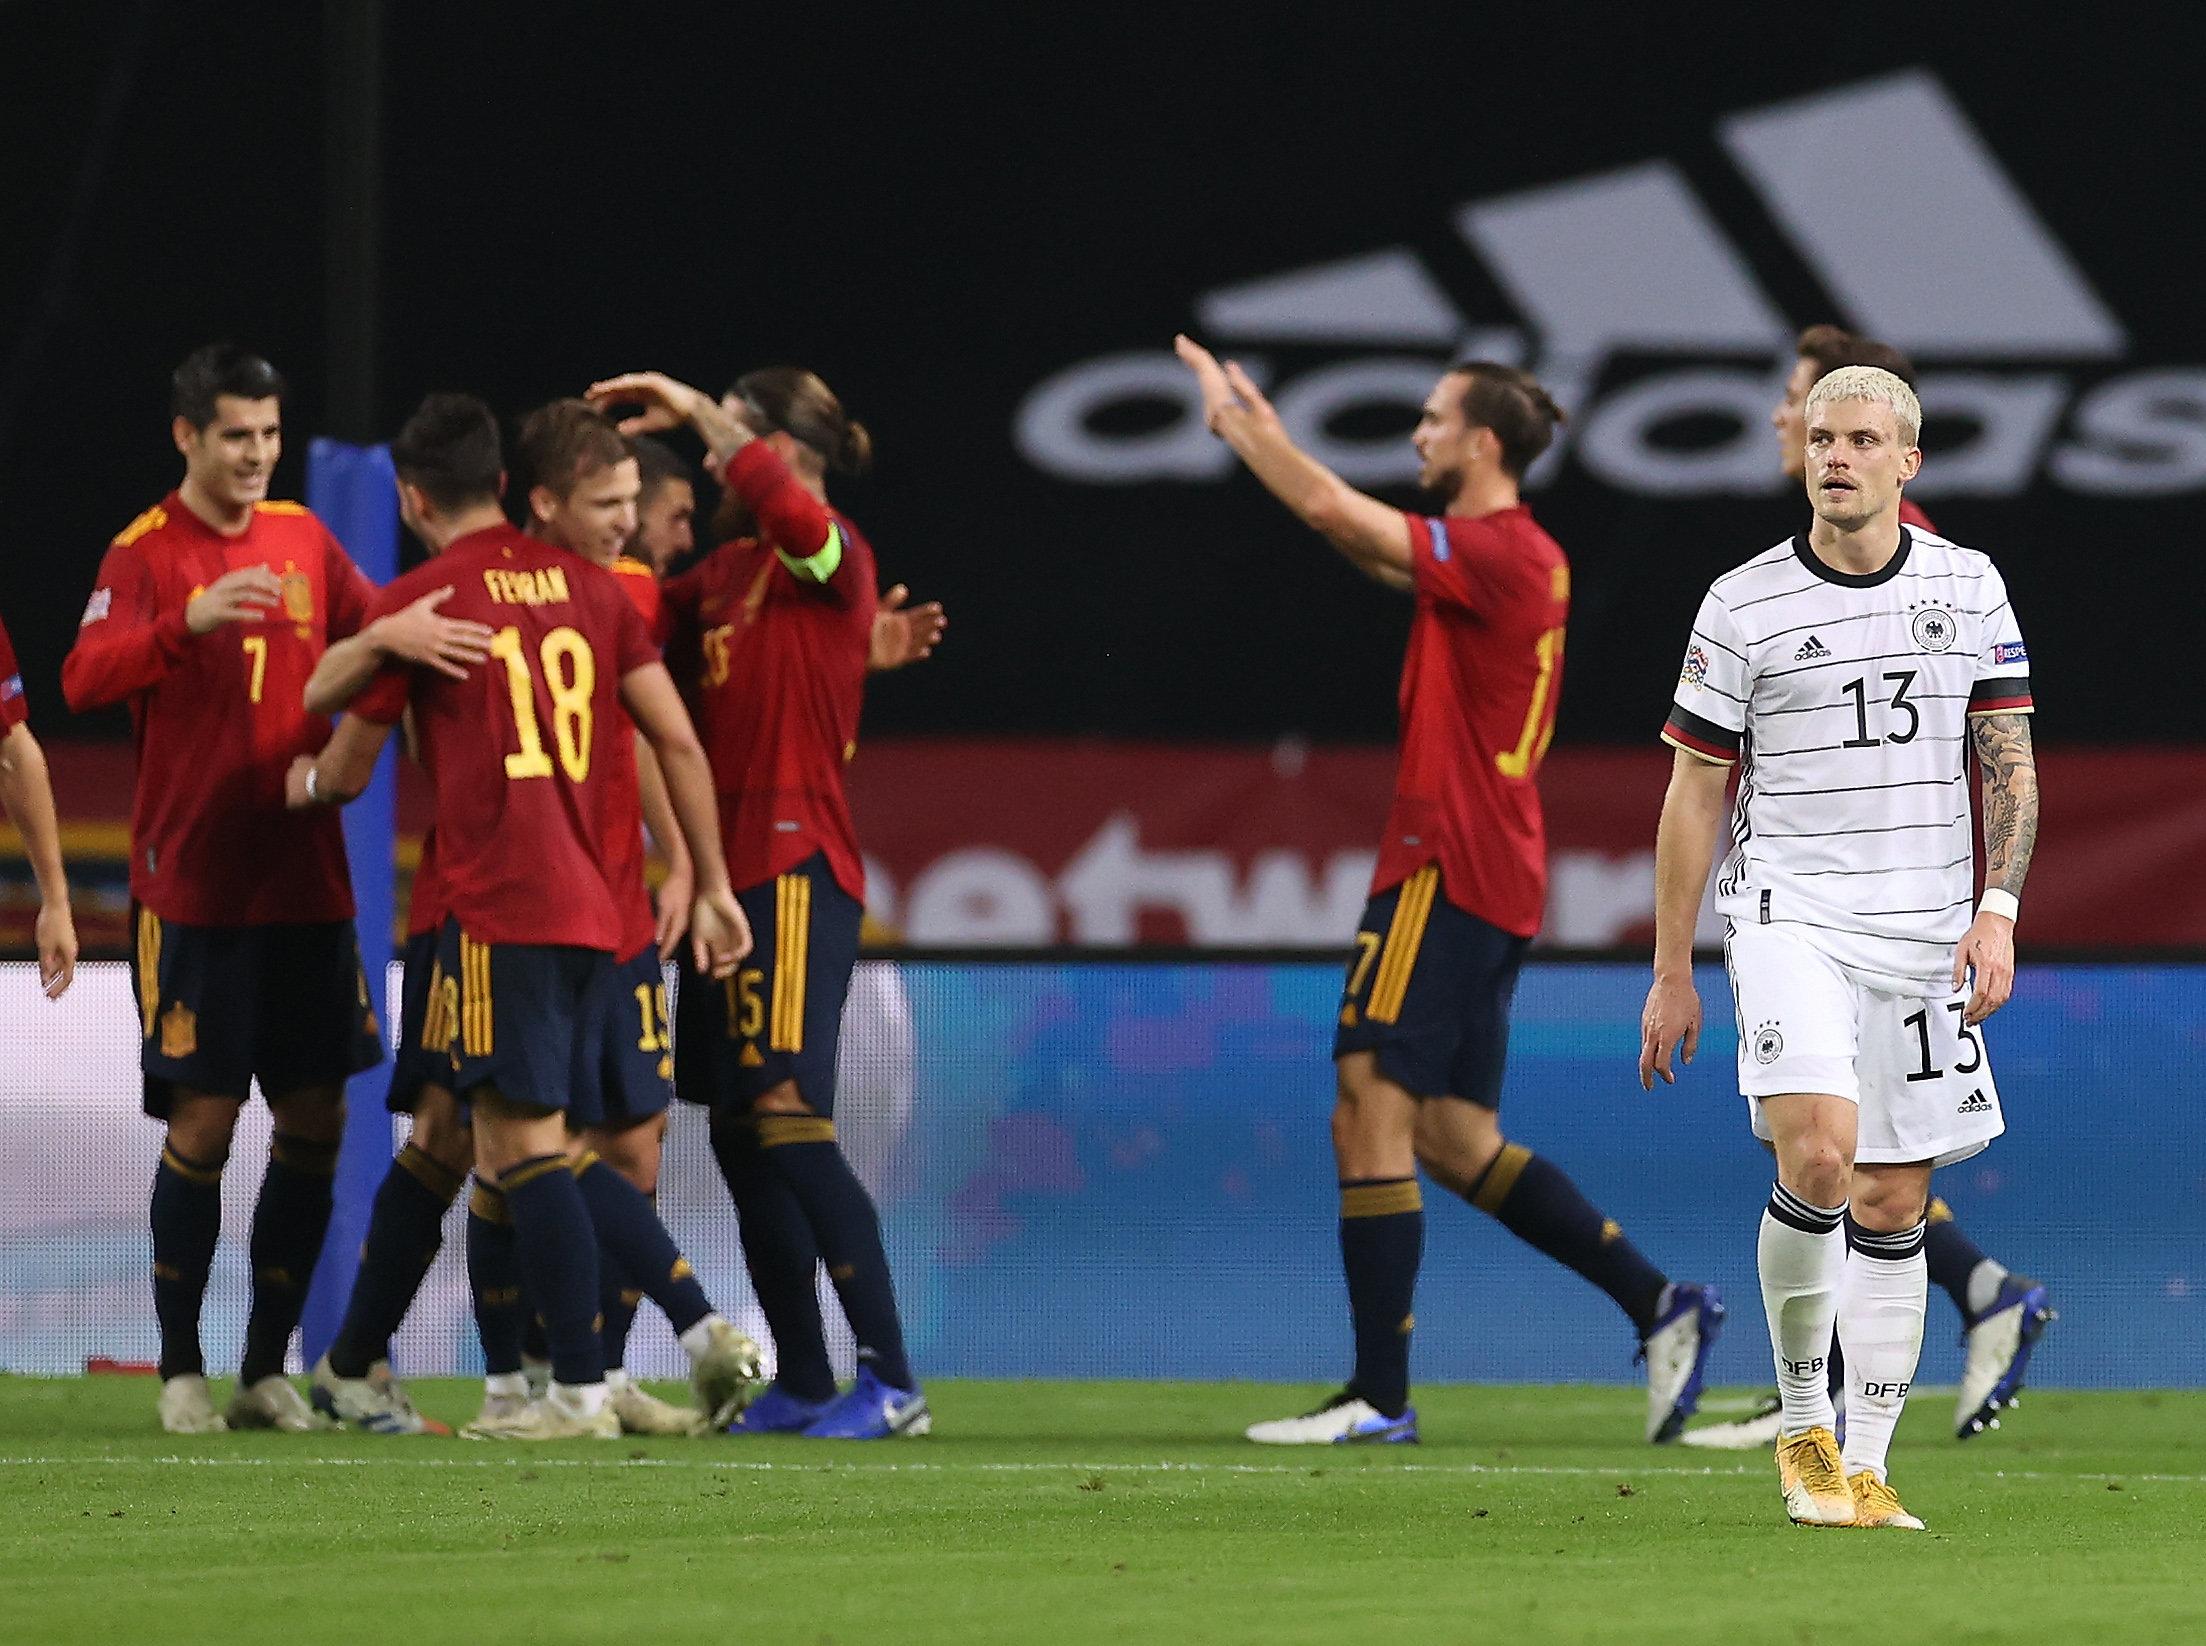 عصبة الأمم: فوز إسبانيا الساحق على ألمانيا 6-0 يكسر العديد من الأرقام القياسية